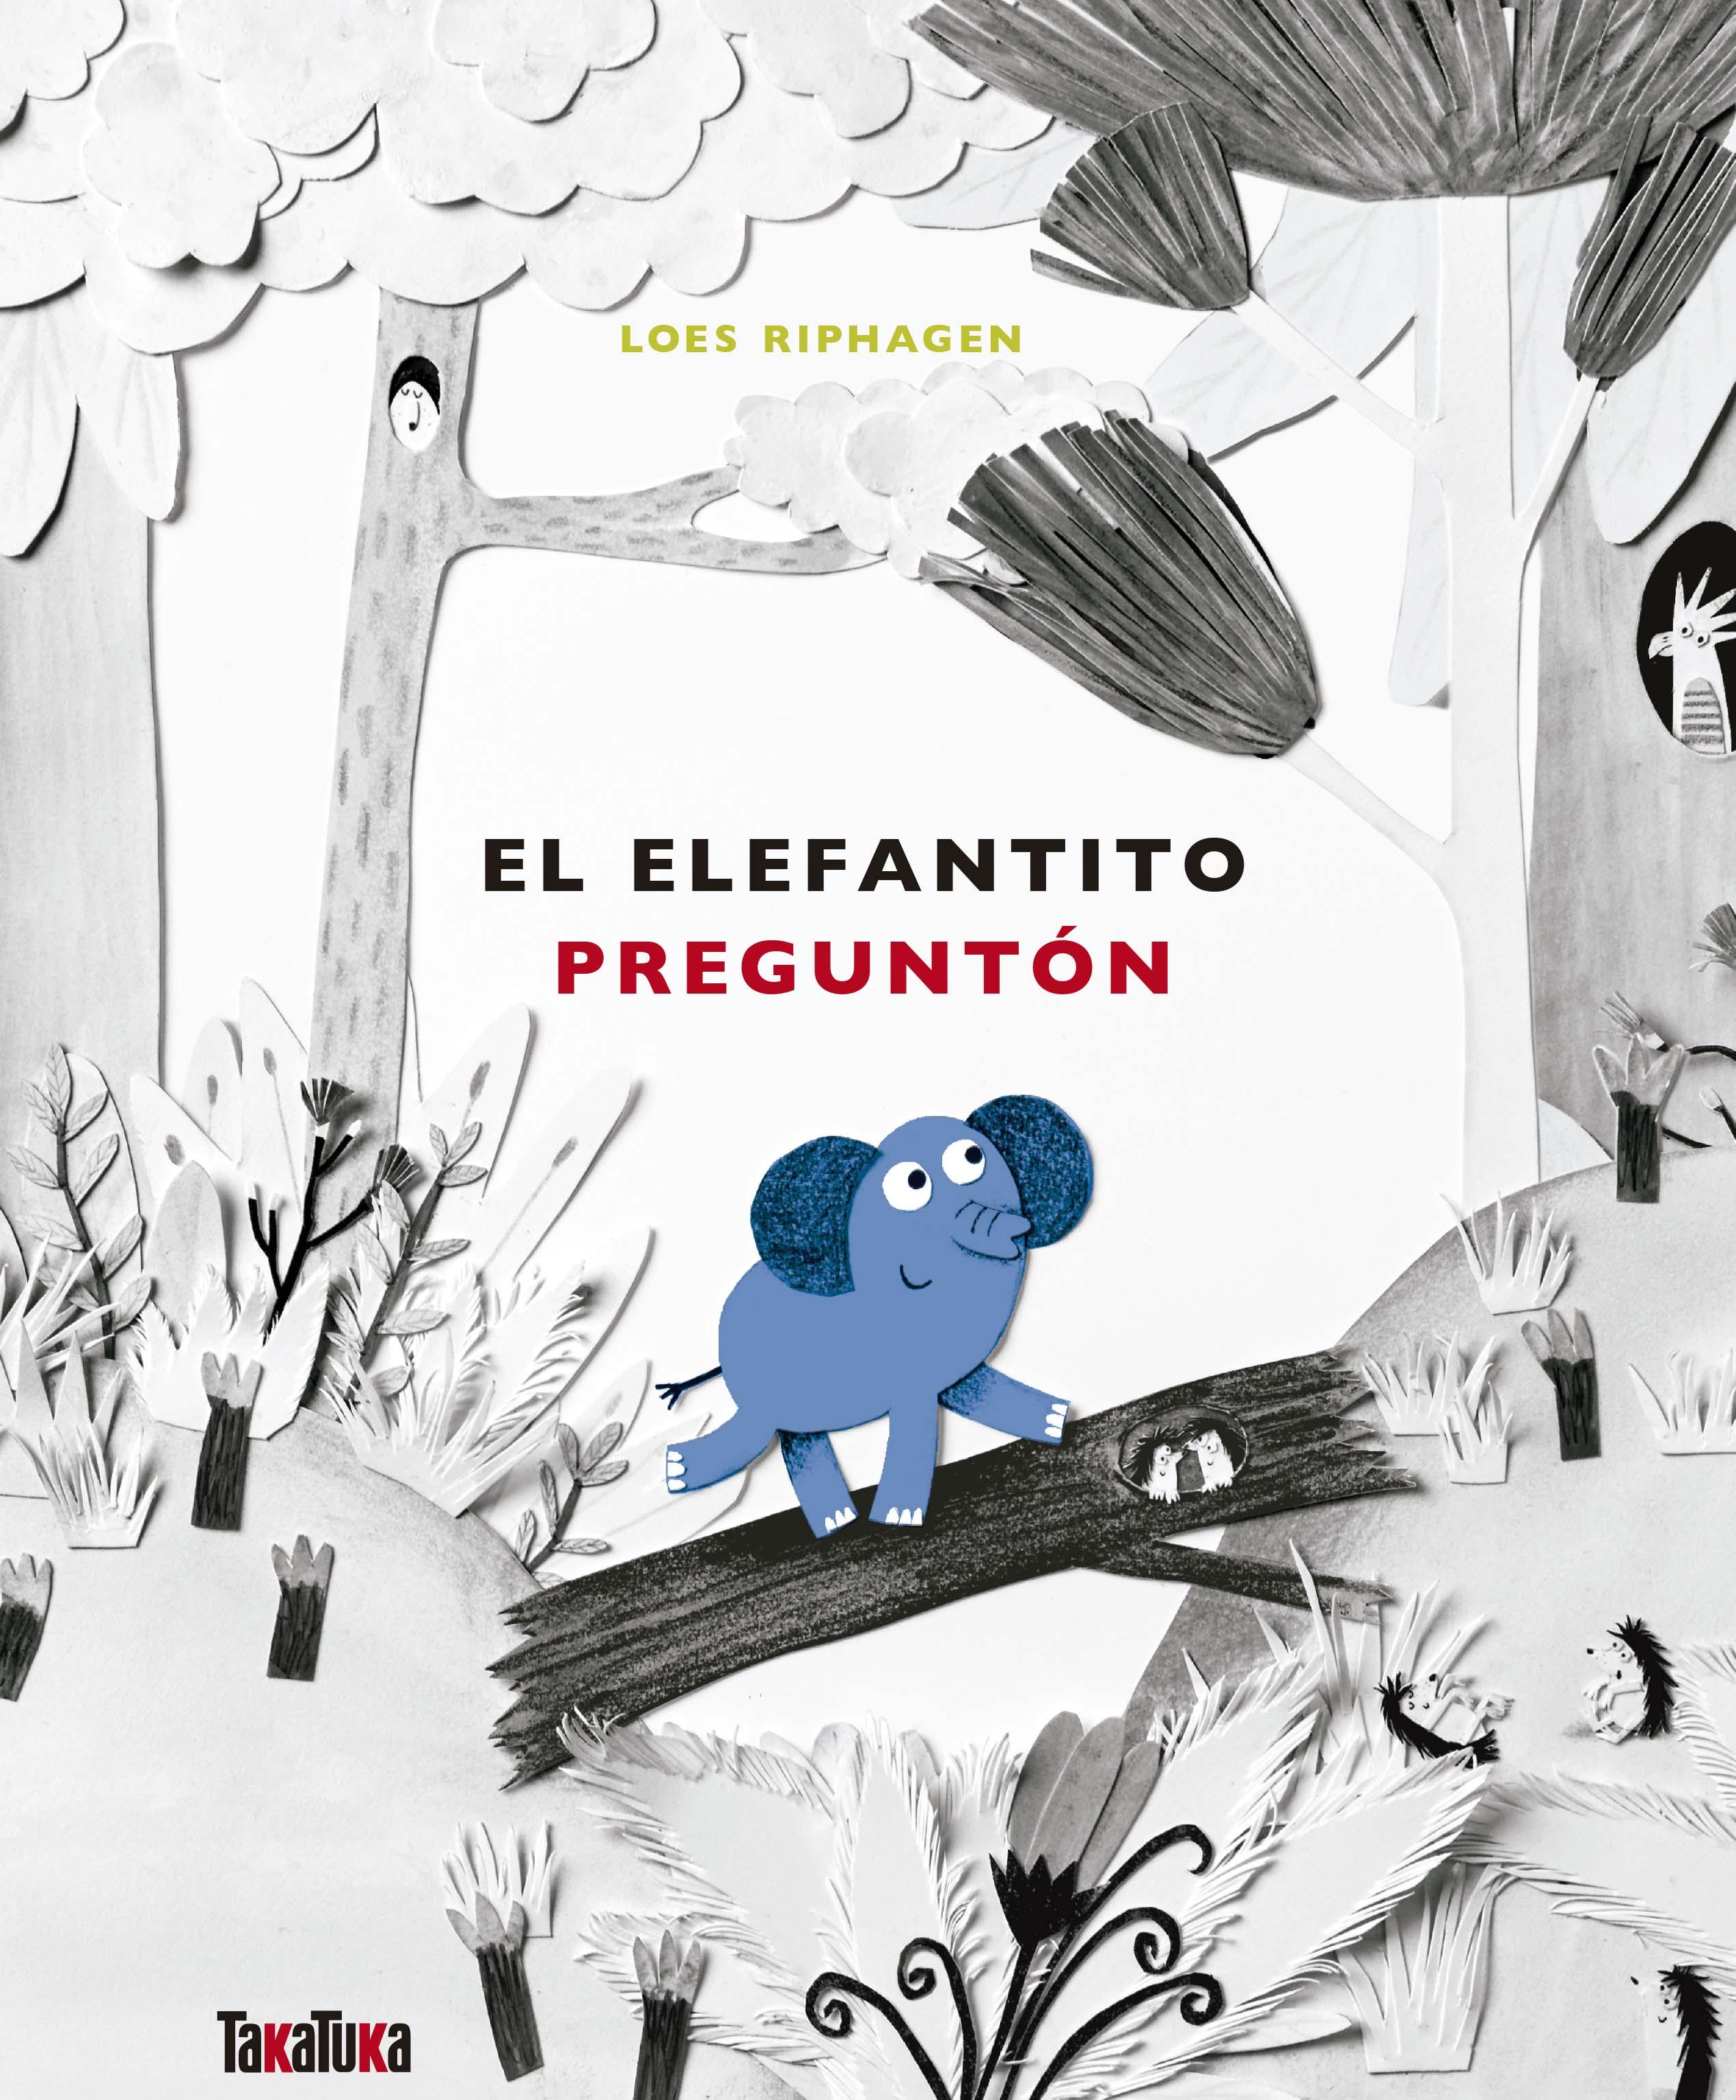 el-elefantito-pregunton-978-84-16003-94-5